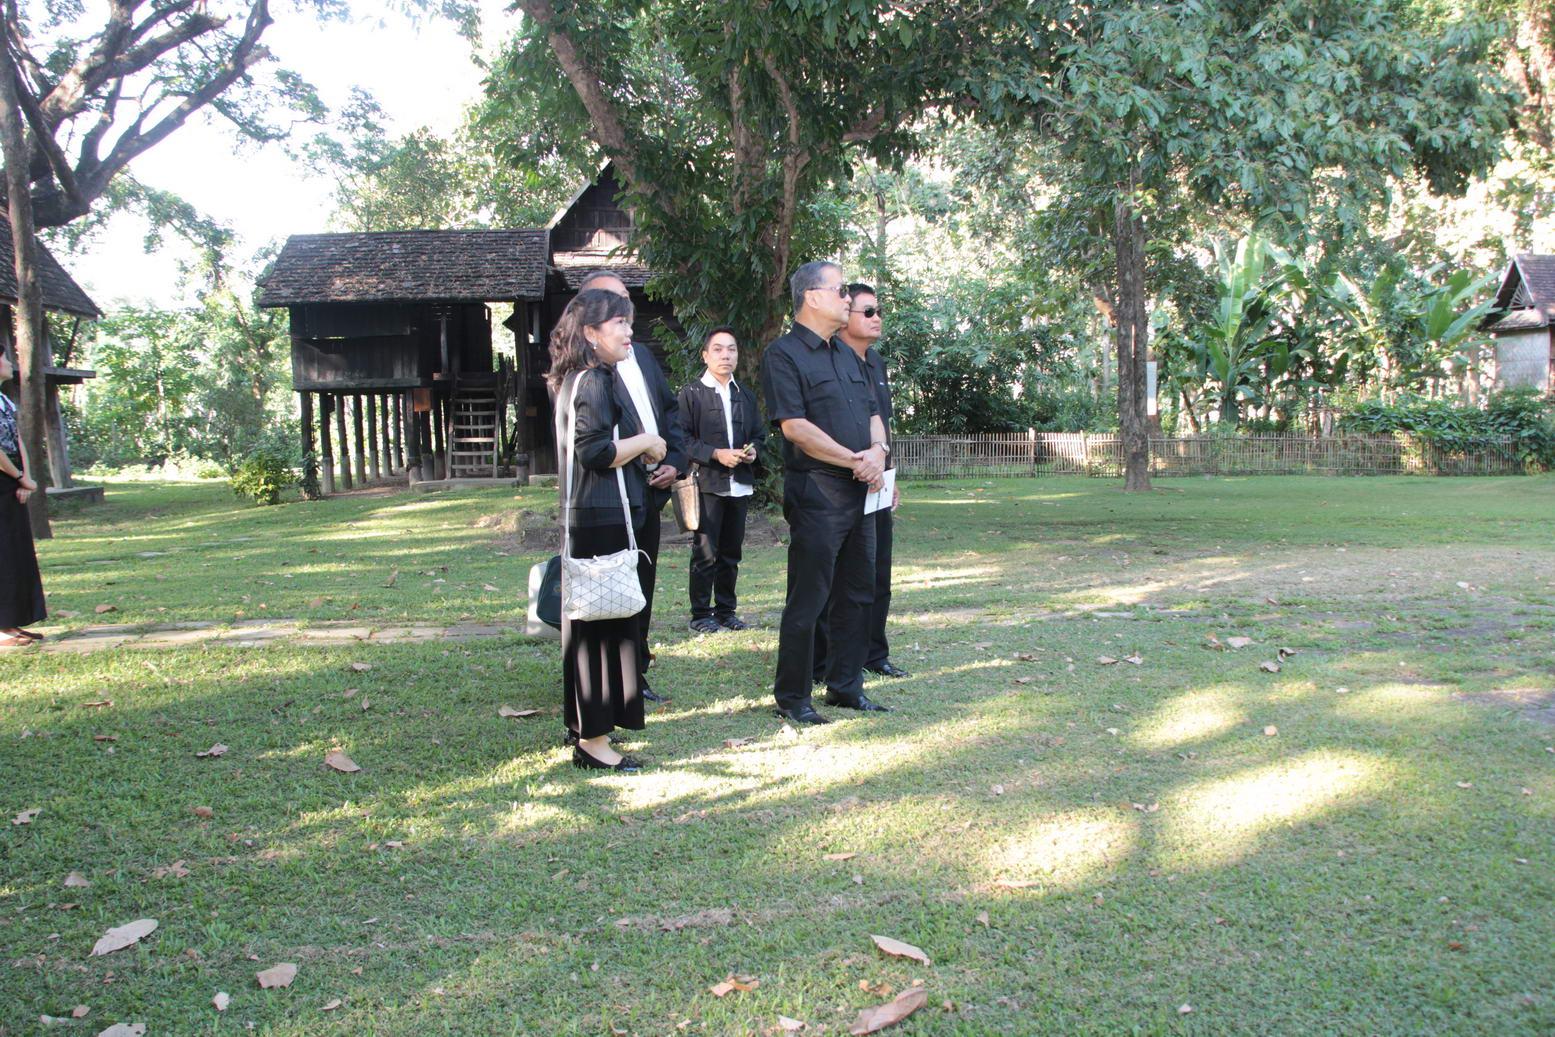 ให้การต้อนรับ ม.ร.ว.สุขุมพันธุ์ บริพัตร ประธานมูลนิธิจุมภฏ-พันธุ์ทิพย์ และคณะกรรมการมูลนิธิ เมื่อวันที่ 21 ตุลาคม 2559